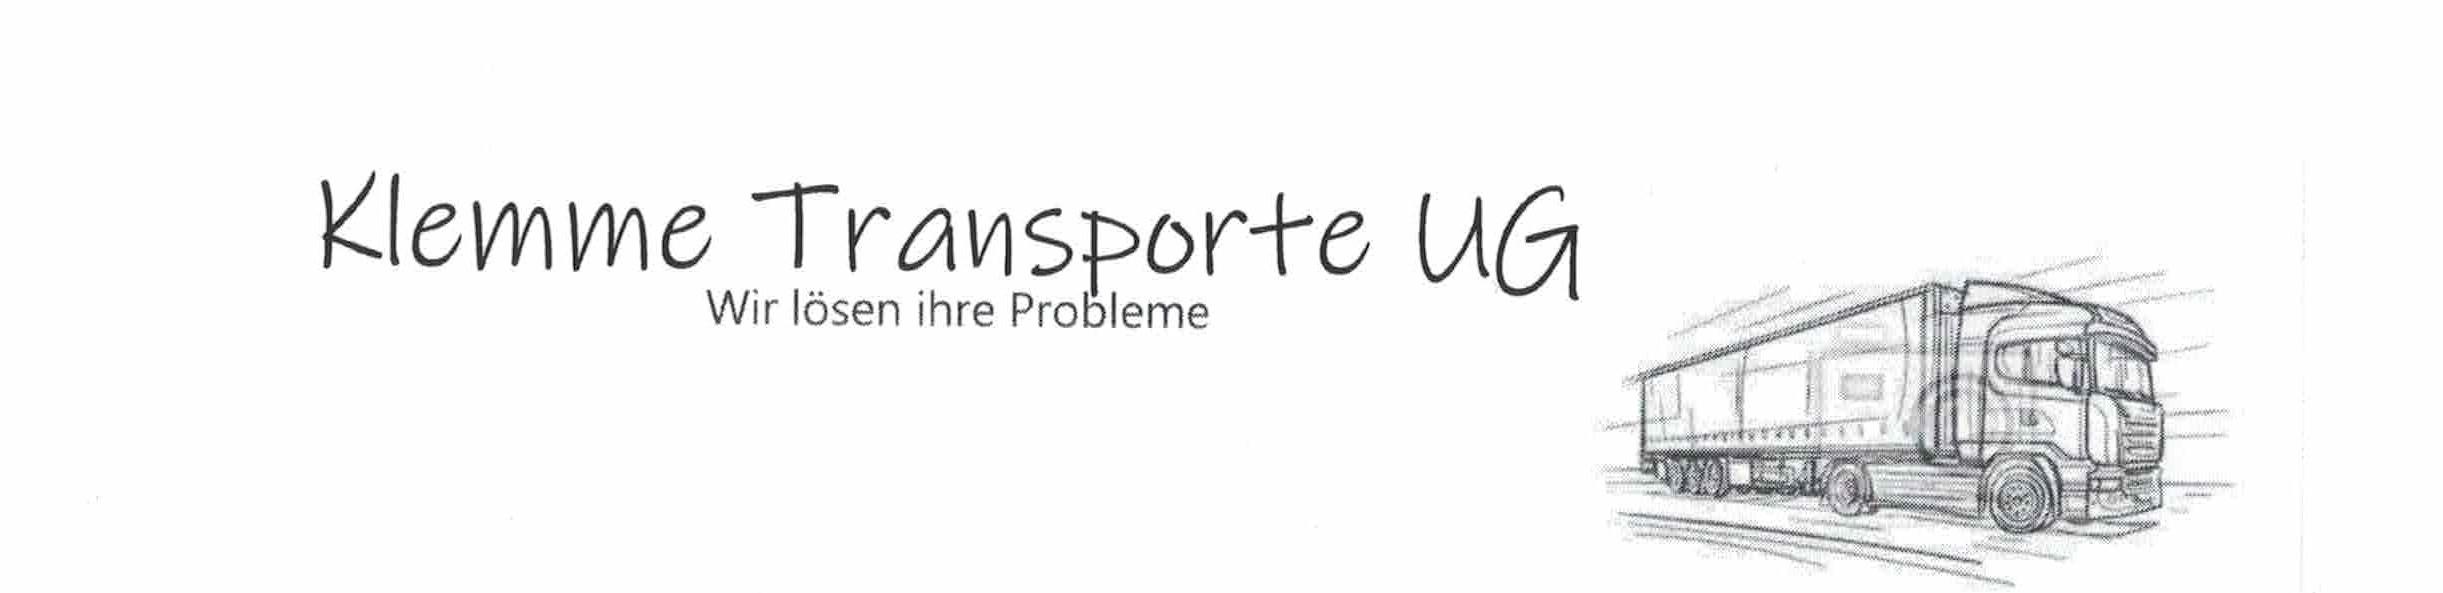 Klemme Transporte UG